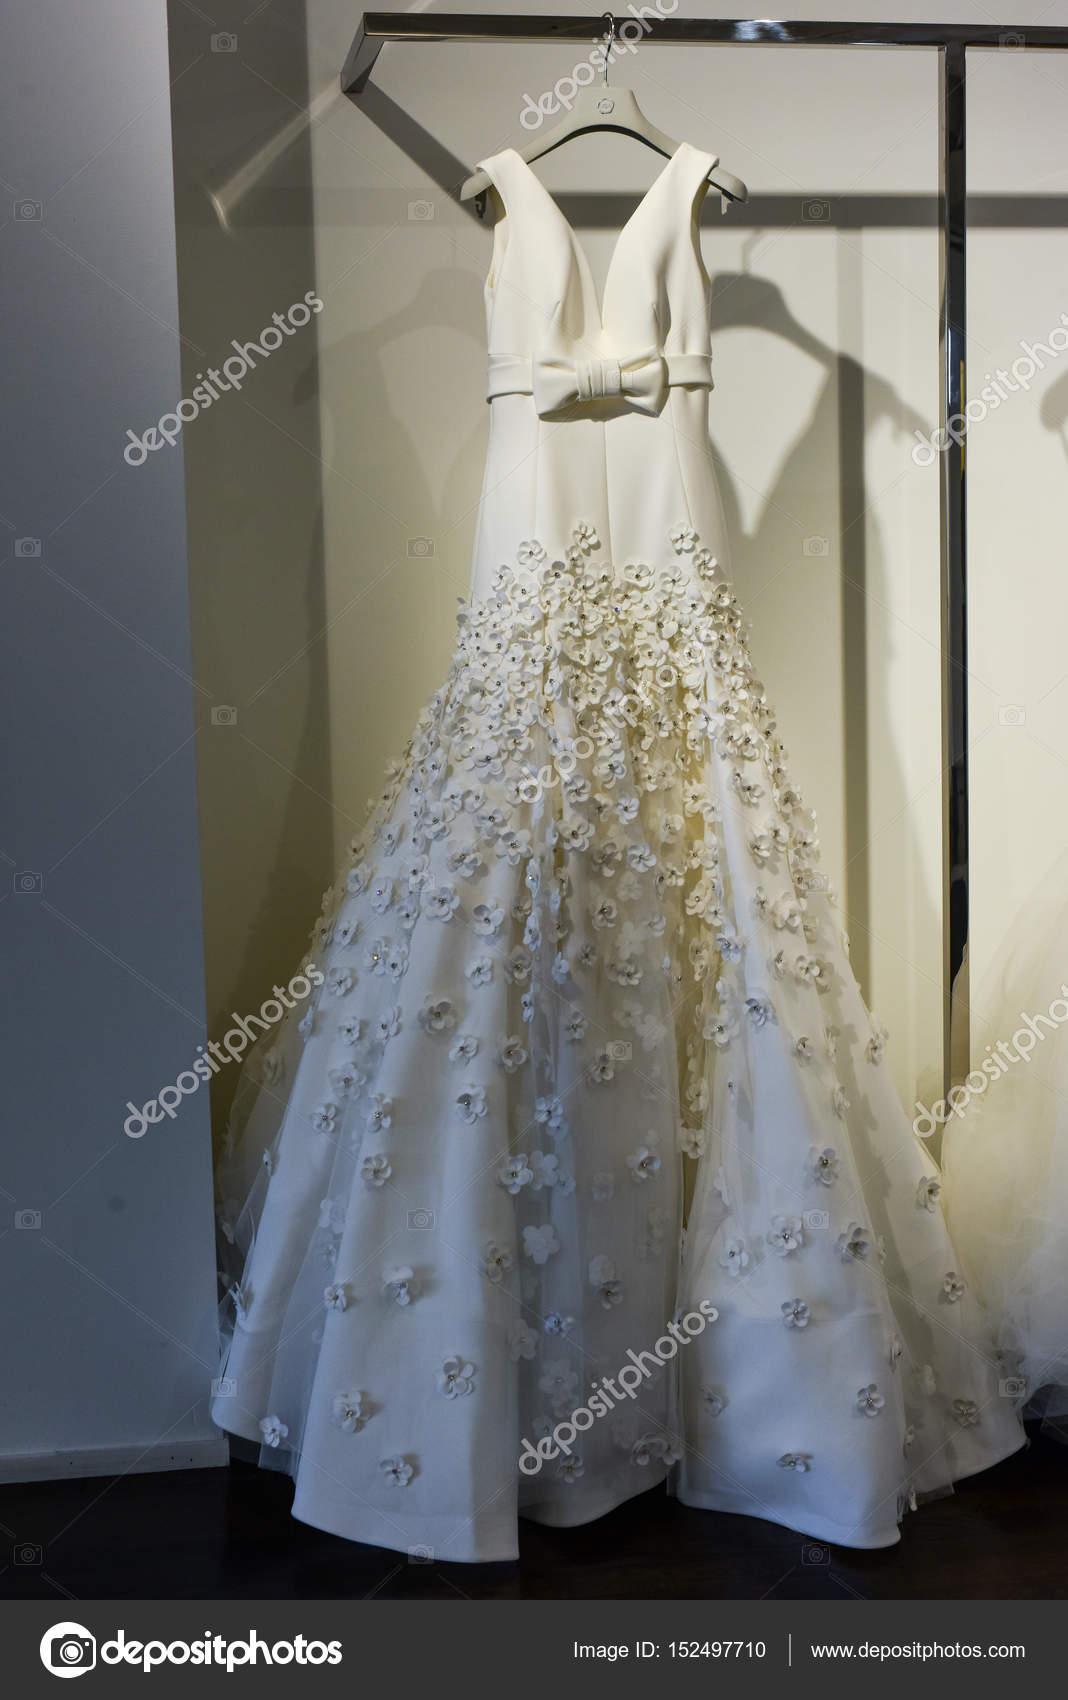 7c2dcbf70d6cc Abito da sposa durante la presentazione della collezione Viktor e ...